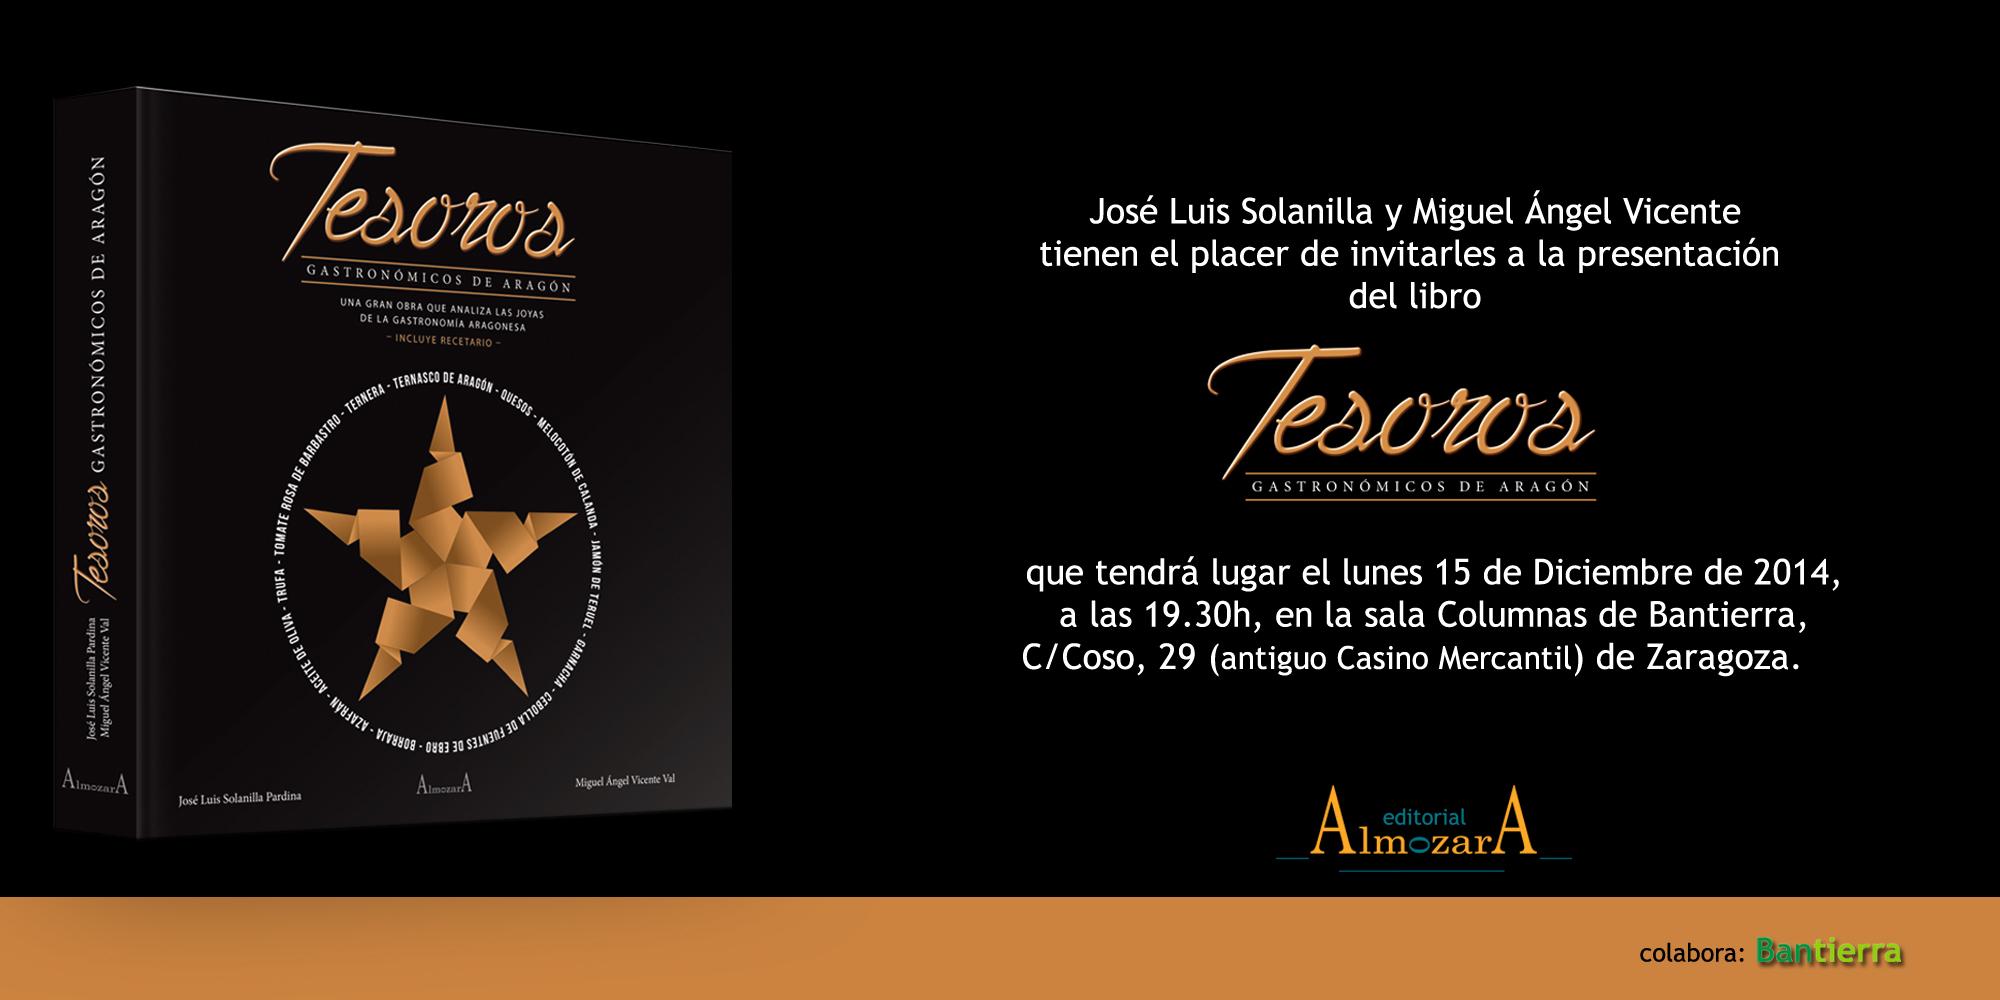 'Tesoros gastronómicos de Aragón', un libro  que refleja la riqueza de la despensa aragonesa